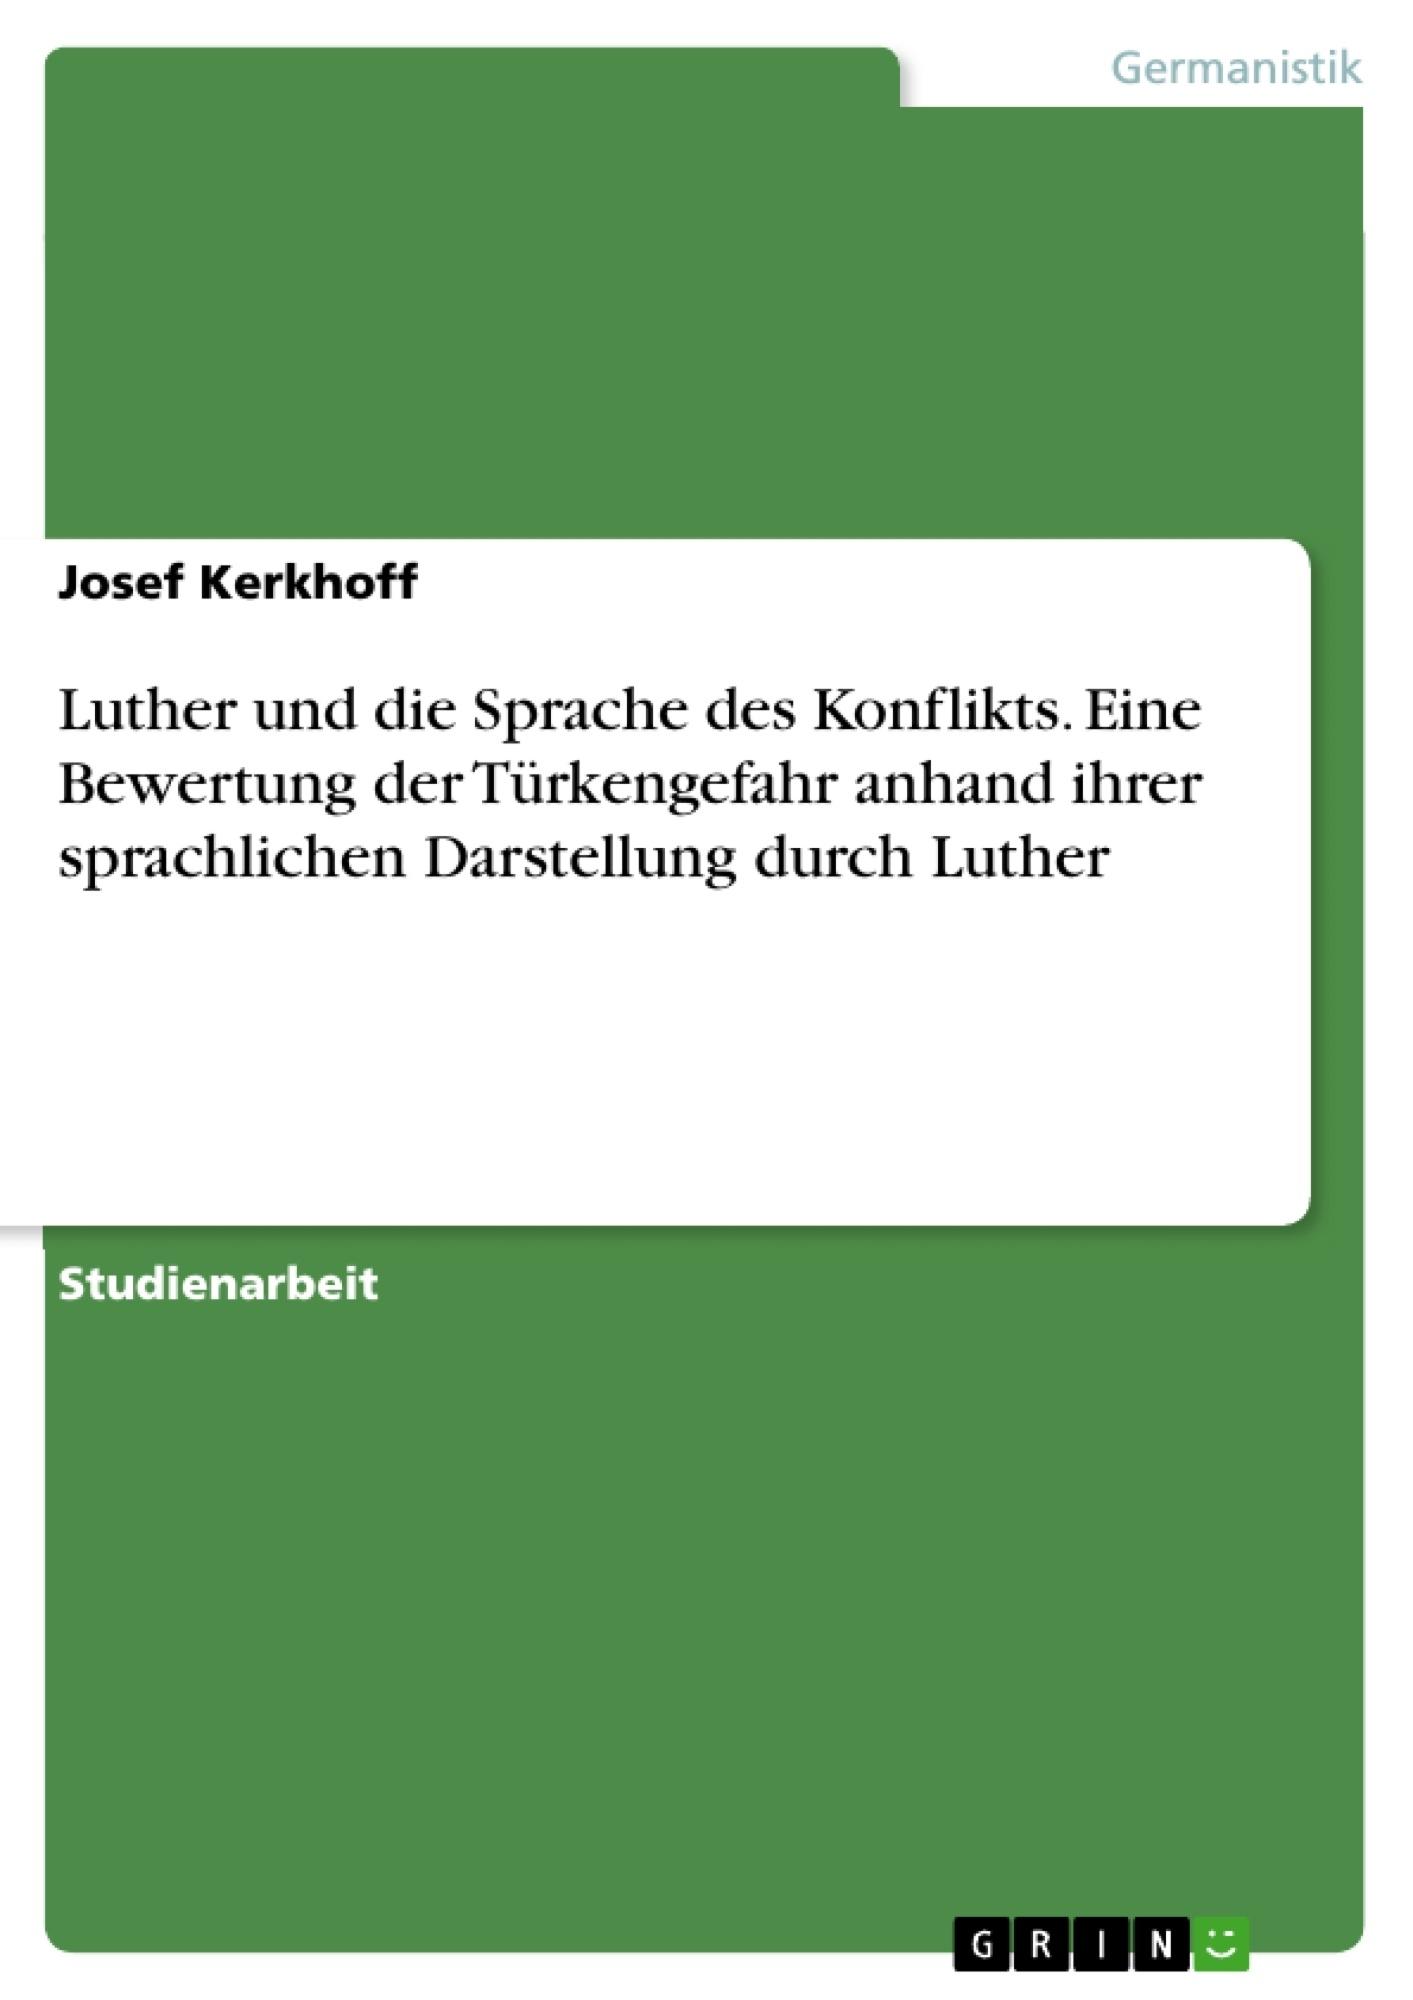 Titel: Luther und die Sprache des Konflikts. Eine Bewertung der Türkengefahr anhand ihrer sprachlichen Darstellung durch Luther